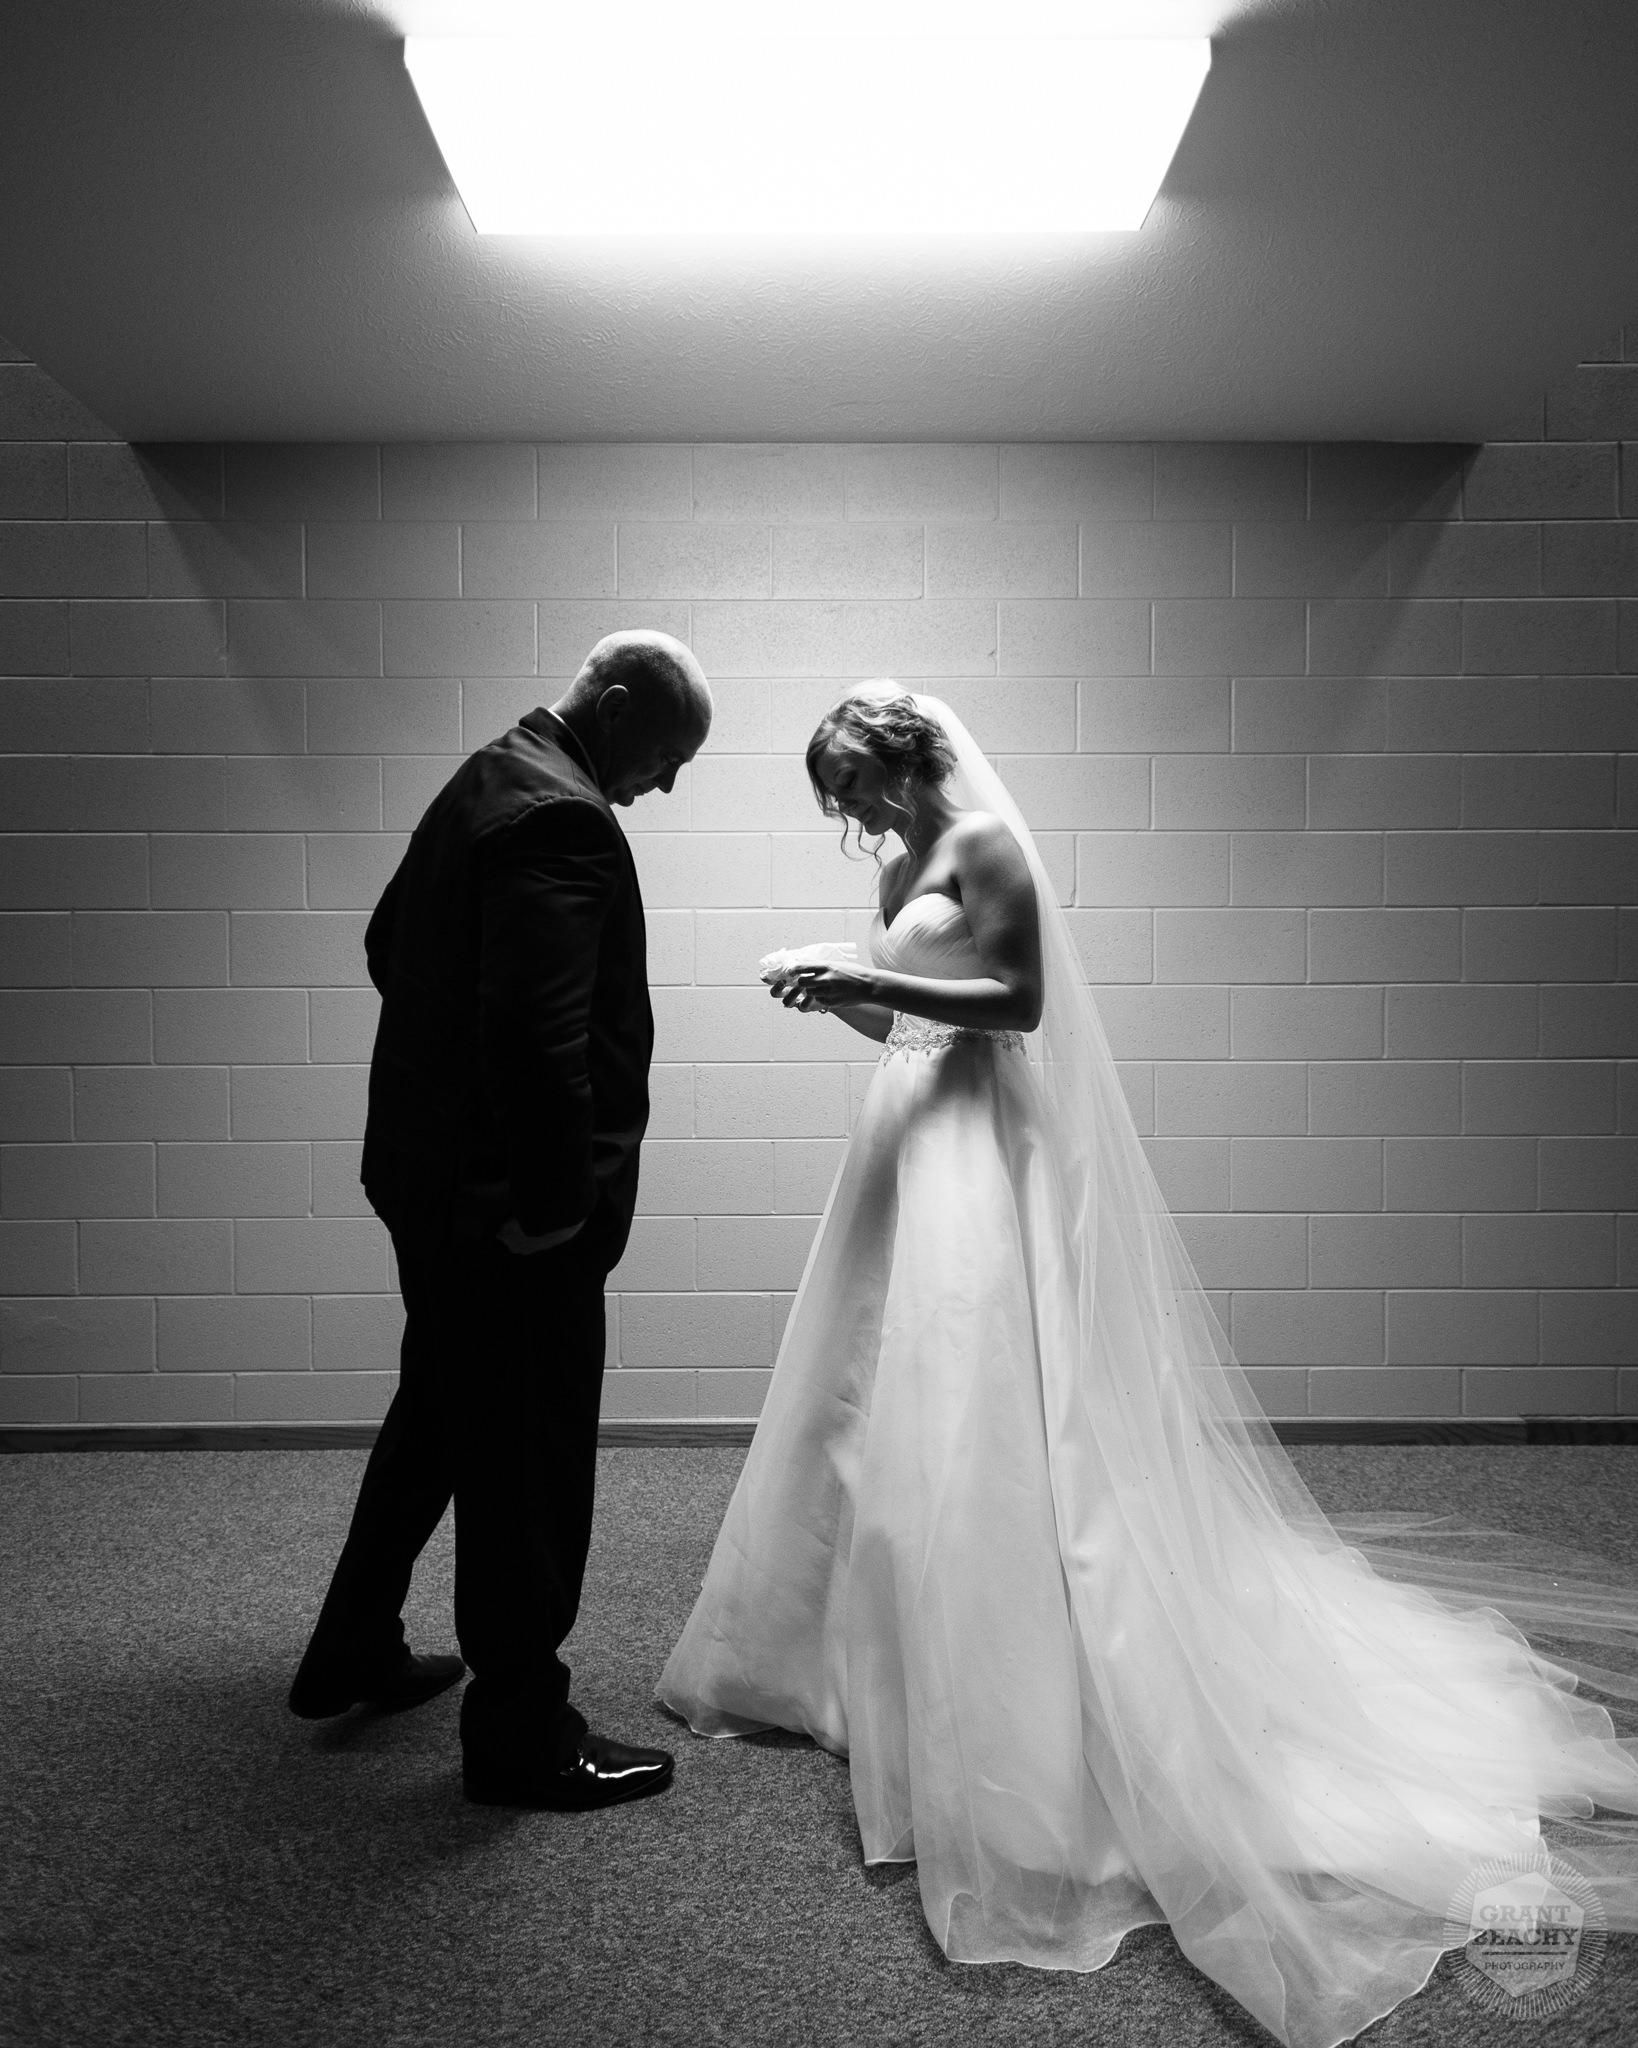 Best of Weddings 2017 Grant Beachy-00038.jpg